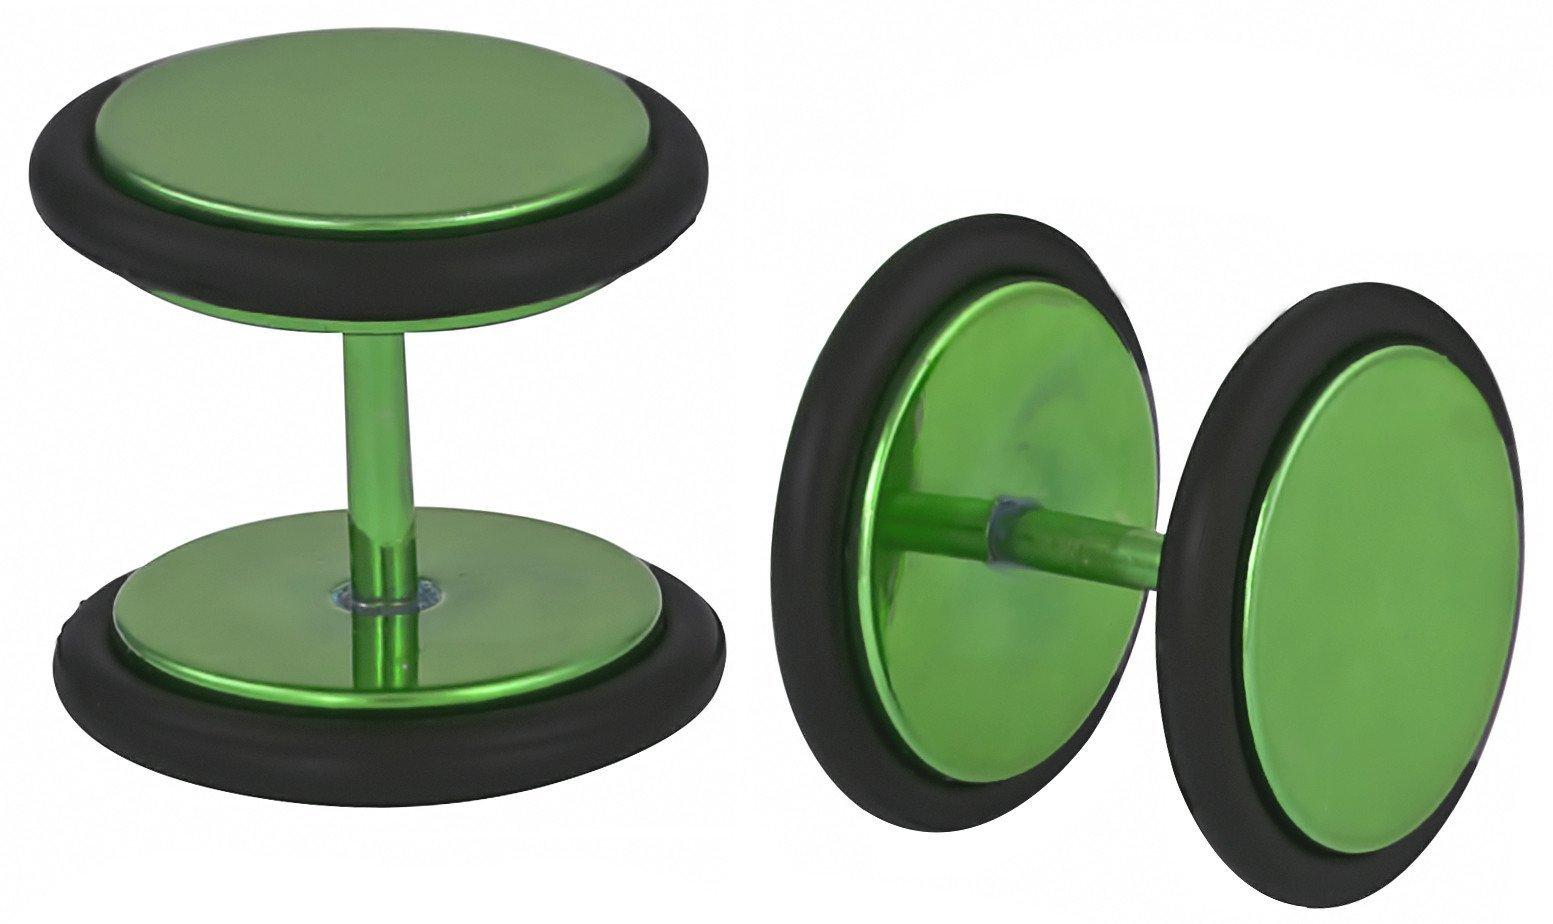 16g 10mm Titanium IP Green Surgical Steel Cheater Plug Earrings, Fake 00 Gauge Earrings